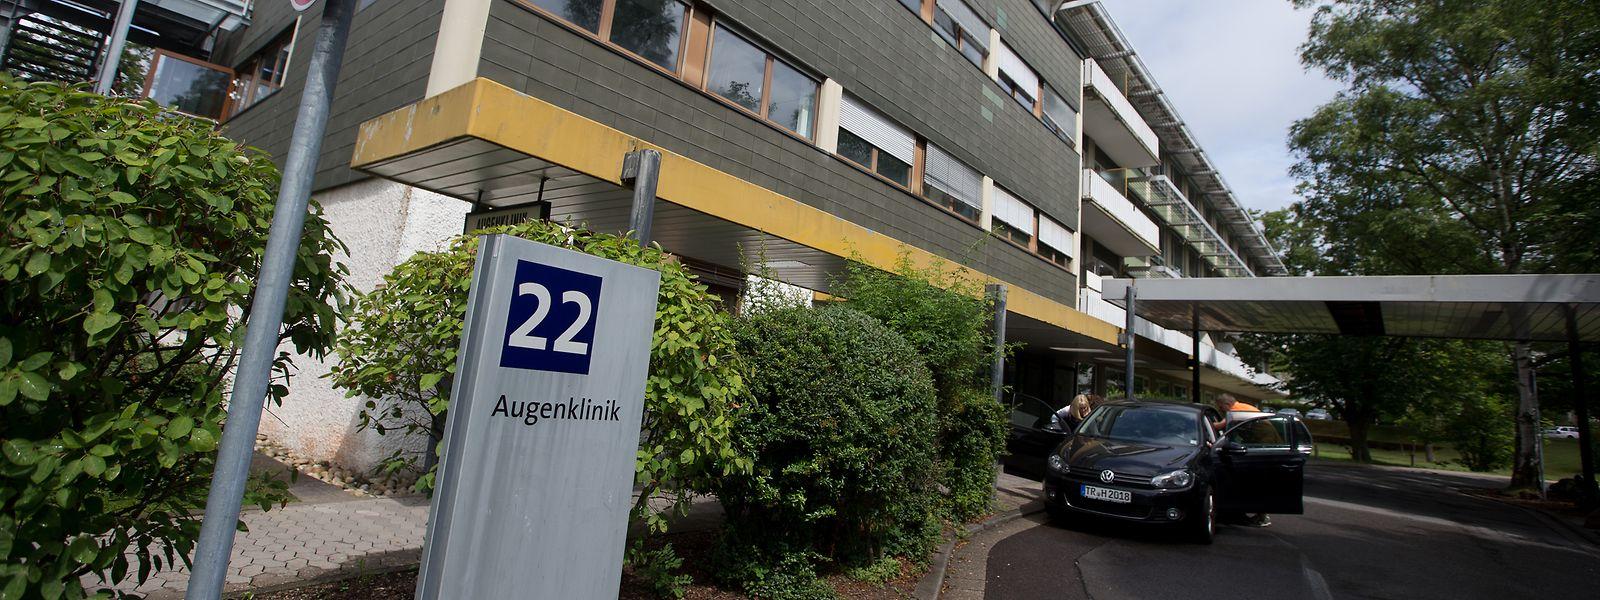 Am Universitätsklinikum des Saarlandes (UKS) werden jährlich etwa 2.500 Patienten aus Luxemburg behandelt. Im Bild das Gebäude der Augenklinik des UKS.